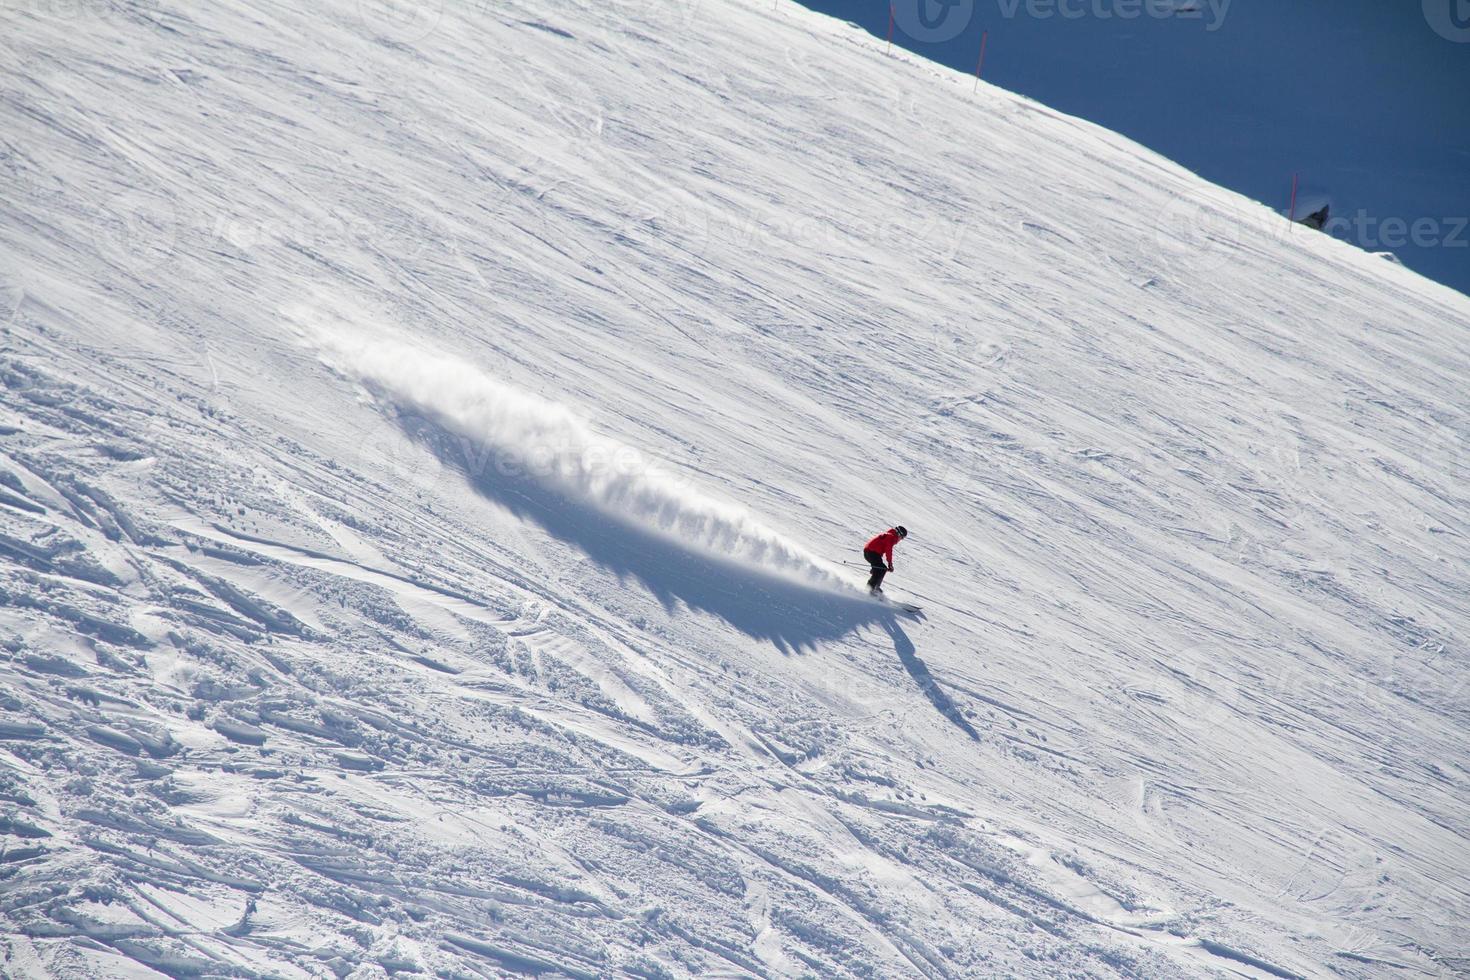 skieur descendant la pente à la station de ski. photo